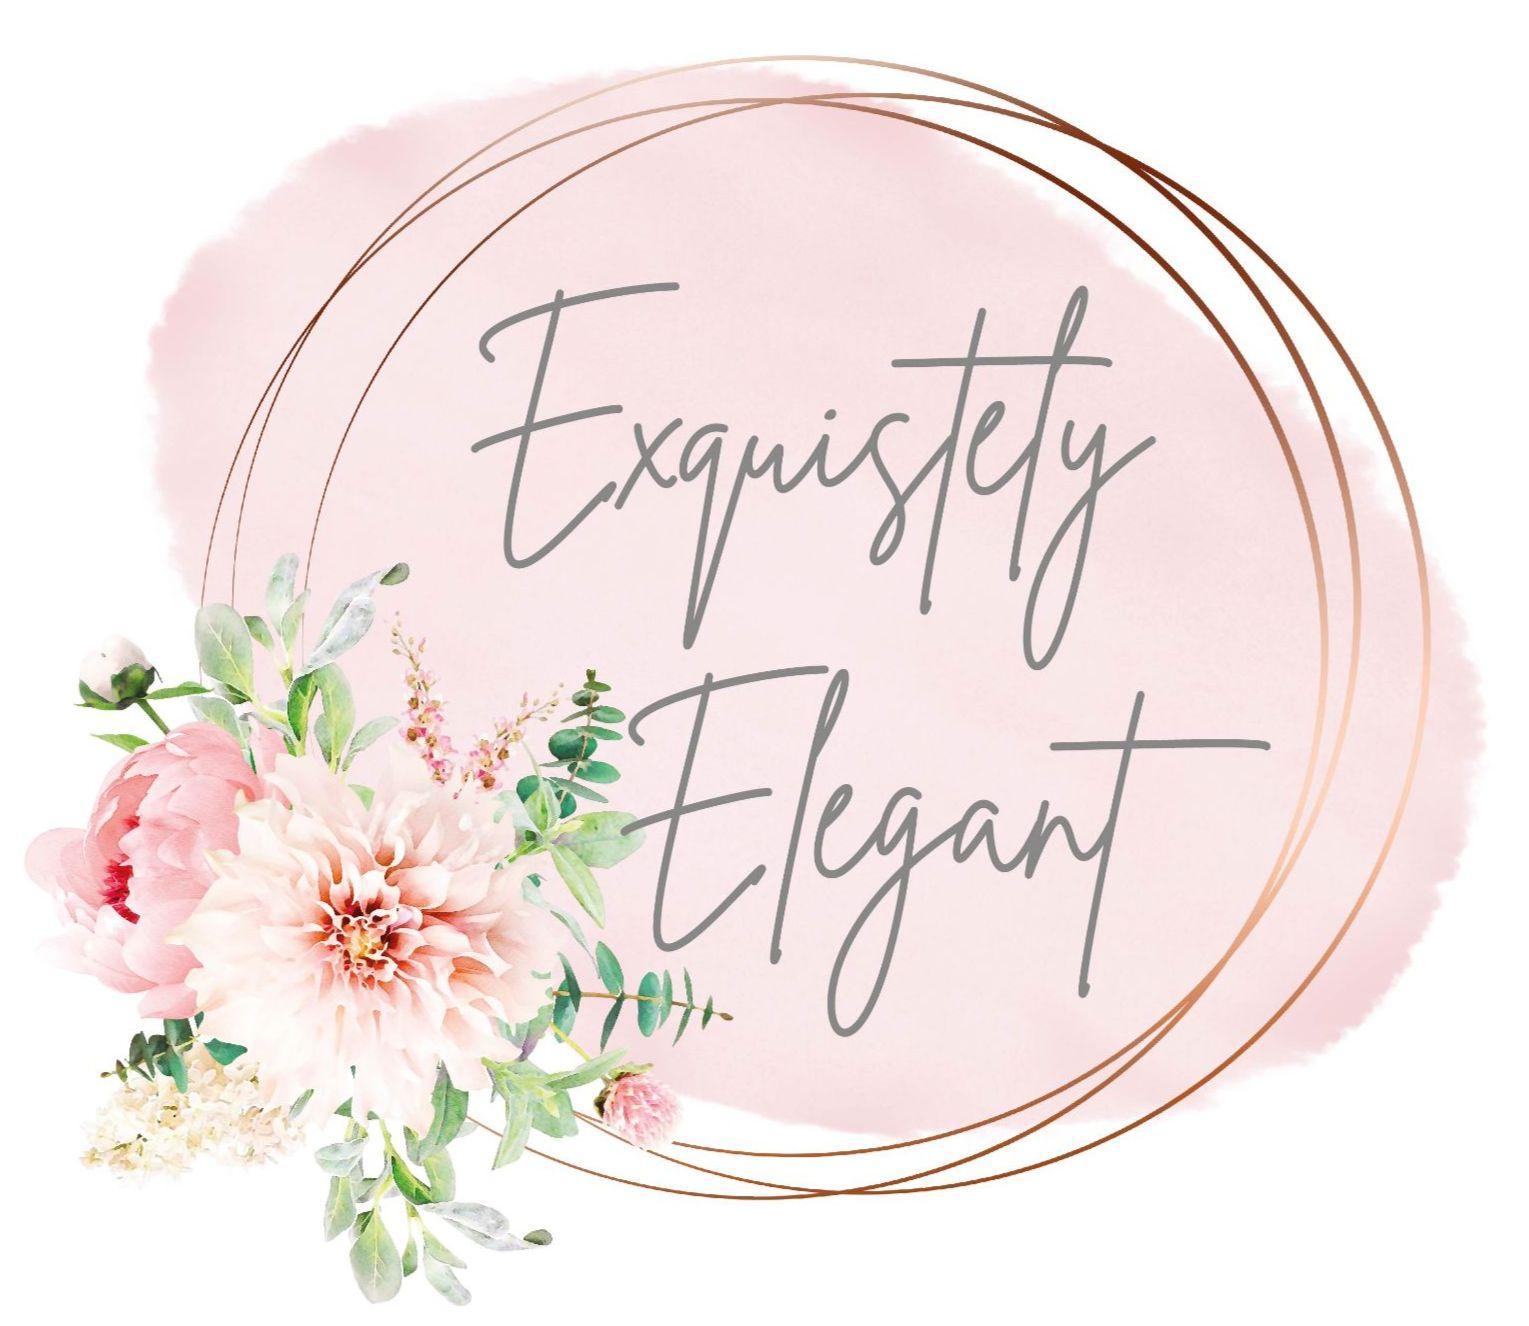 ee small logo2 v2